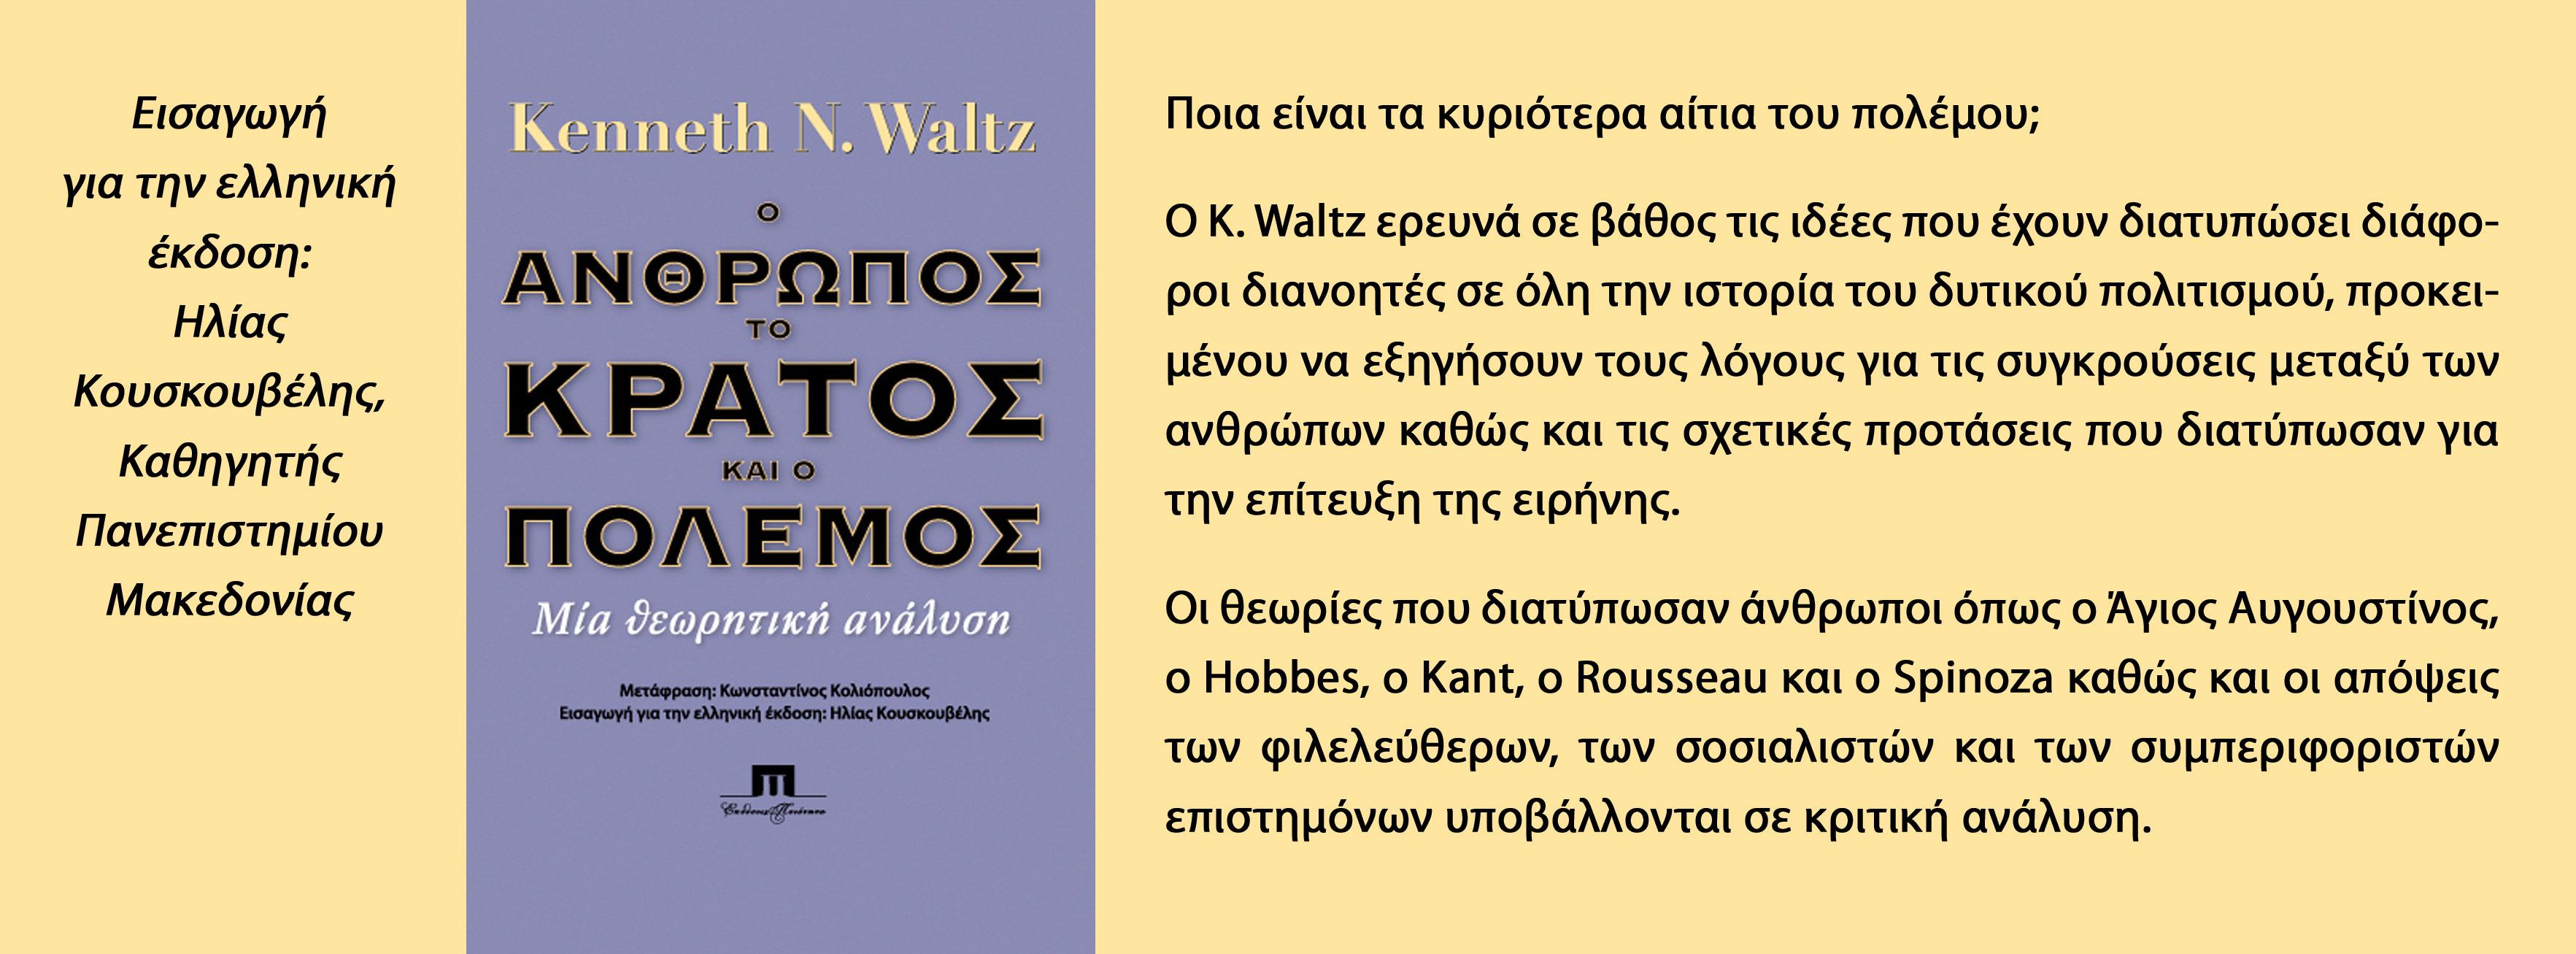 """Ηλίας Κουσκουβέλης, Εισαγωγικό σημείωμα, στο βιβλίο """"Ο Άνθρωπος, το Κράτος και ο Πόλεμος"""